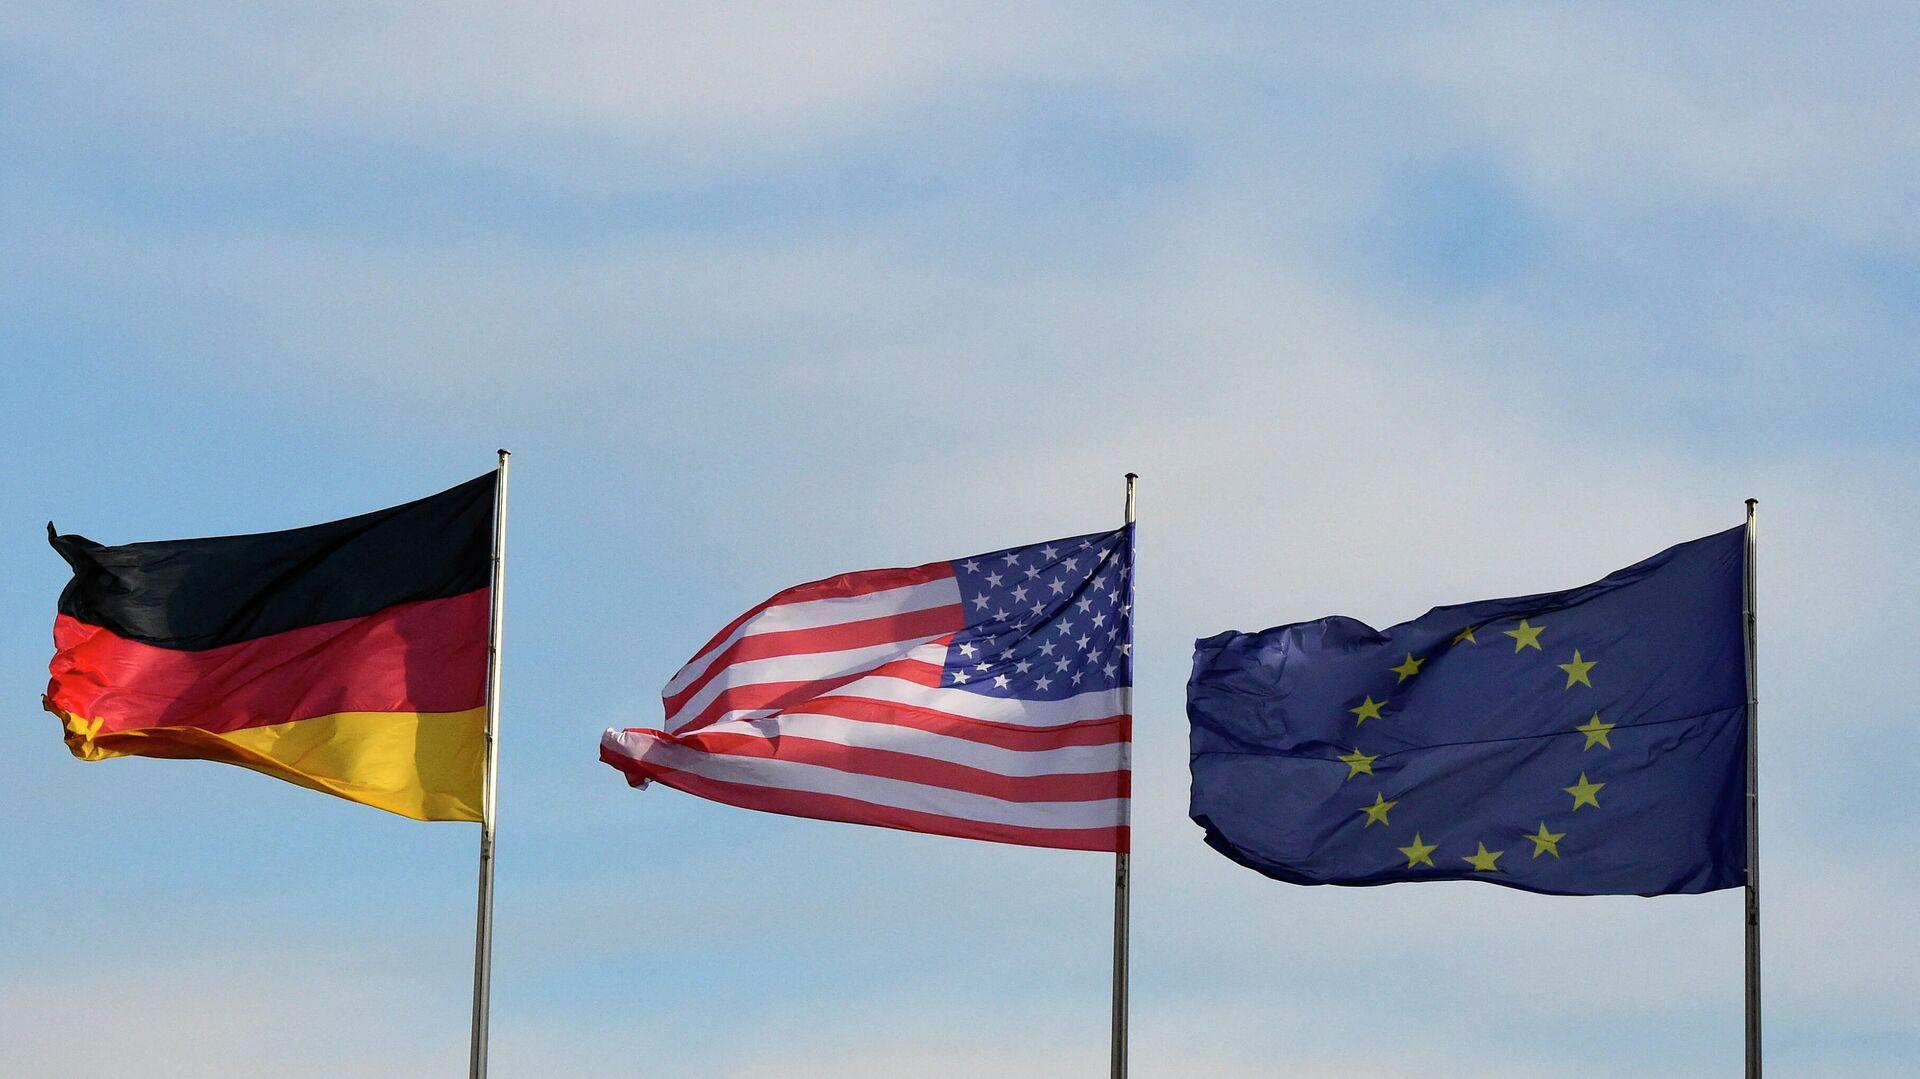 Flaggen von Deutschland, den USA und der EU  - SNA, 1920, 11.06.2021